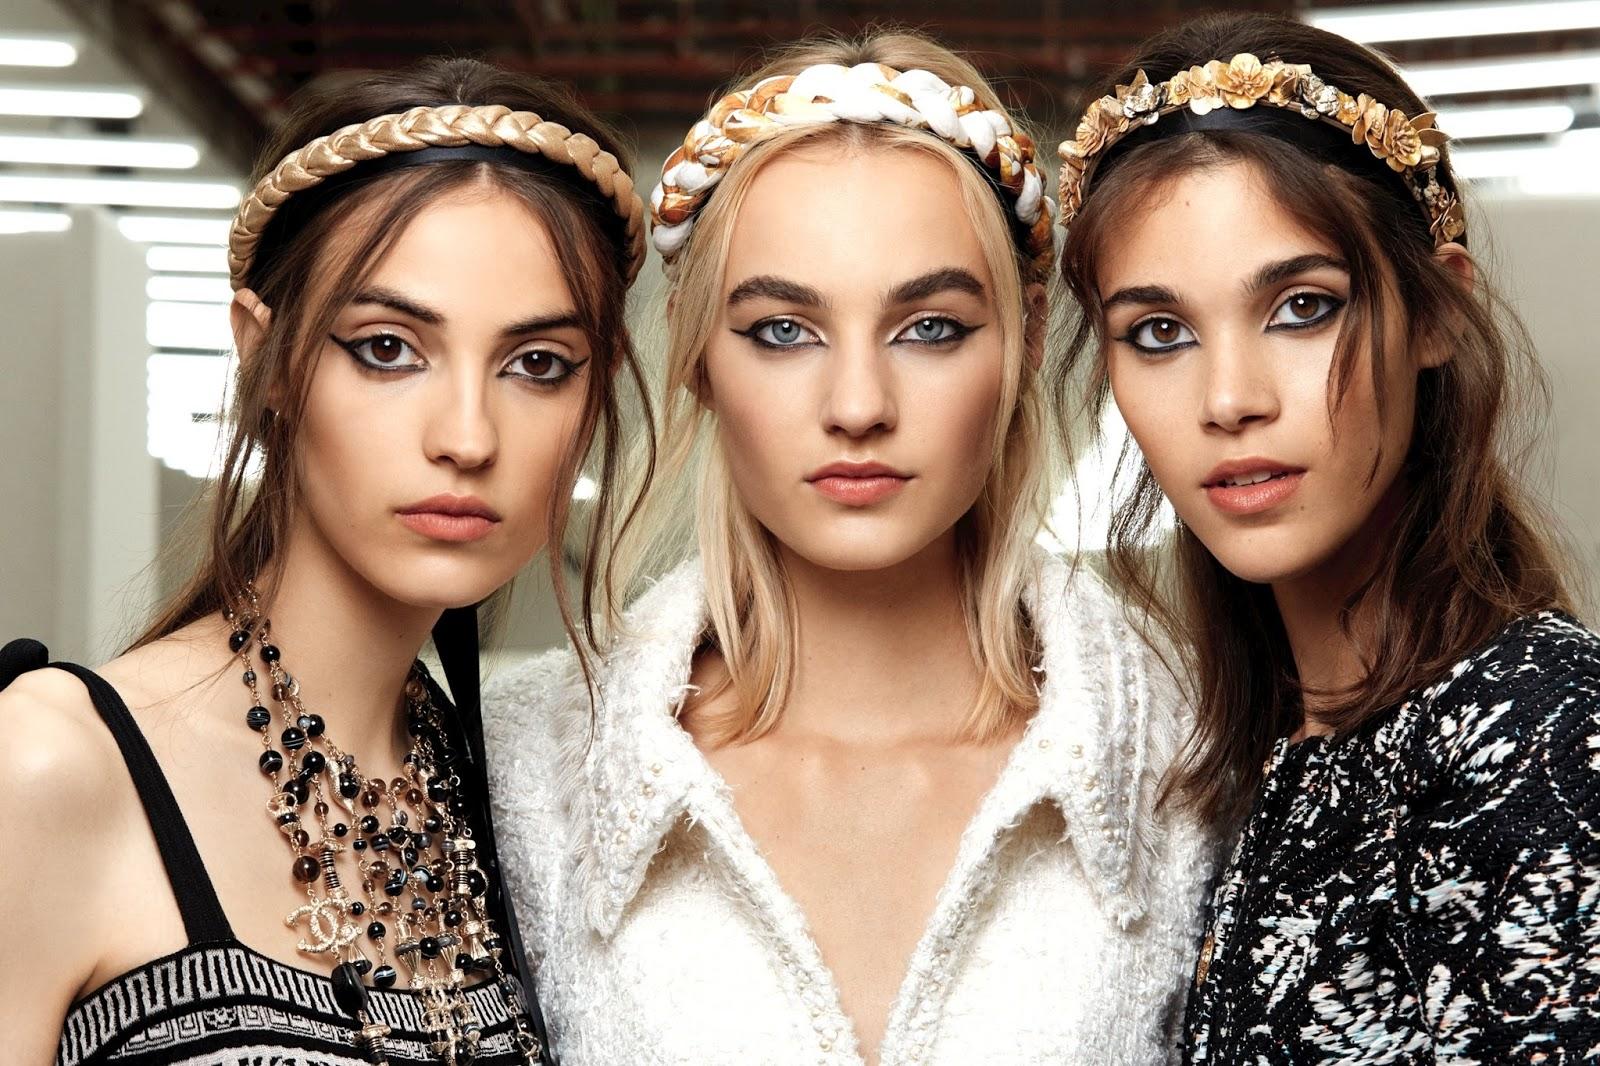 d4093bacd La inspiración beauty de Chanel en su colección crucero 2017 - 2018: la  antigua Grecia